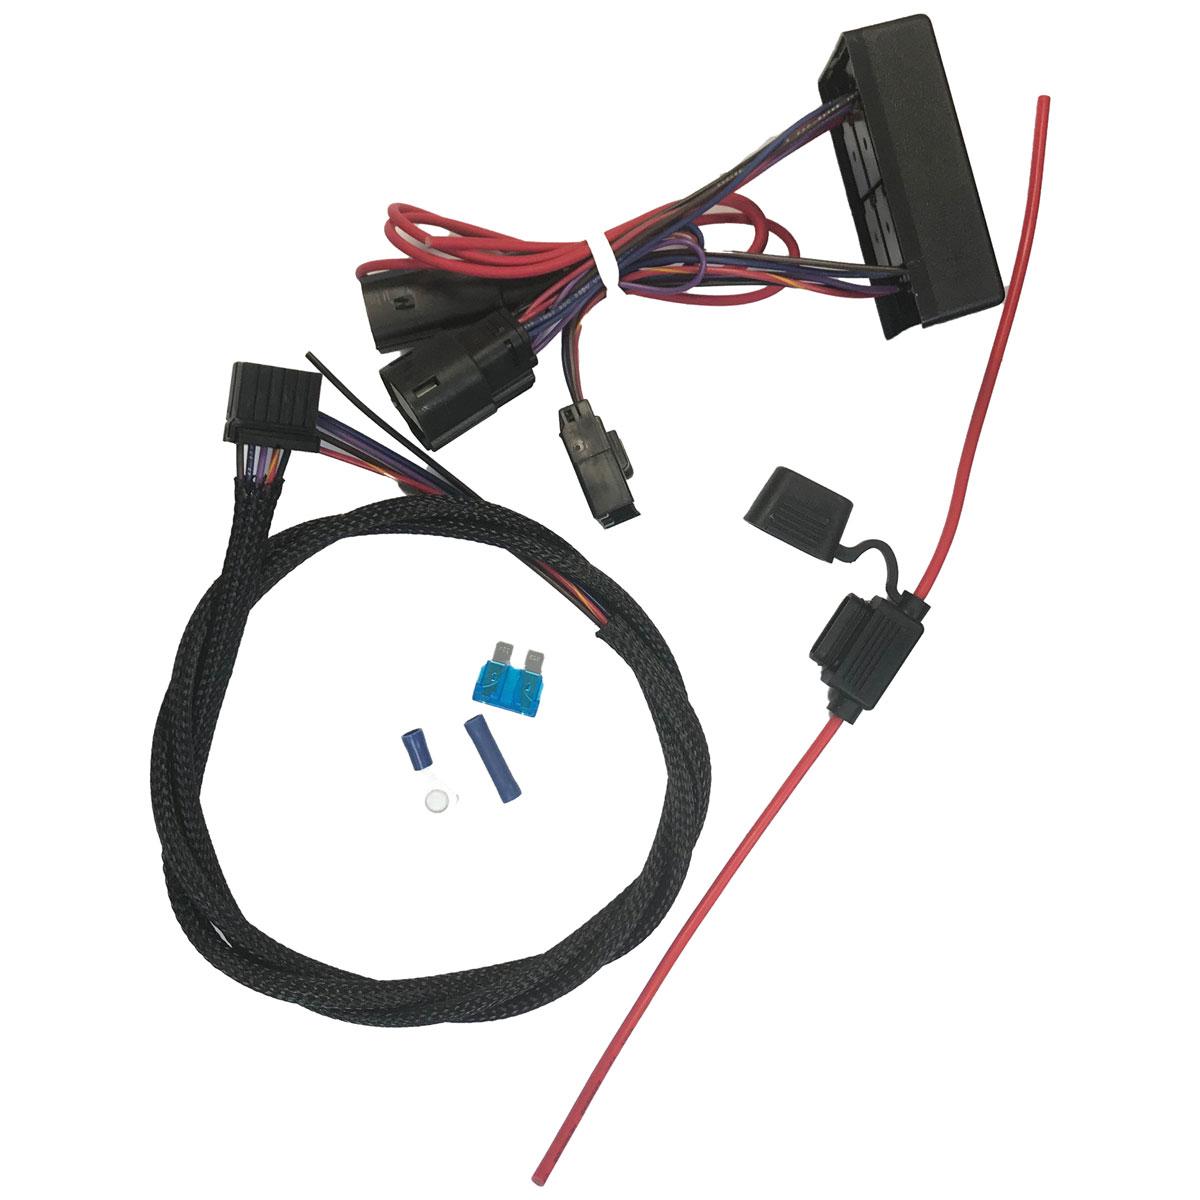 6 way round to 4 flat wiring diagram allen bradley mcc bucket 7 trailer get free image about